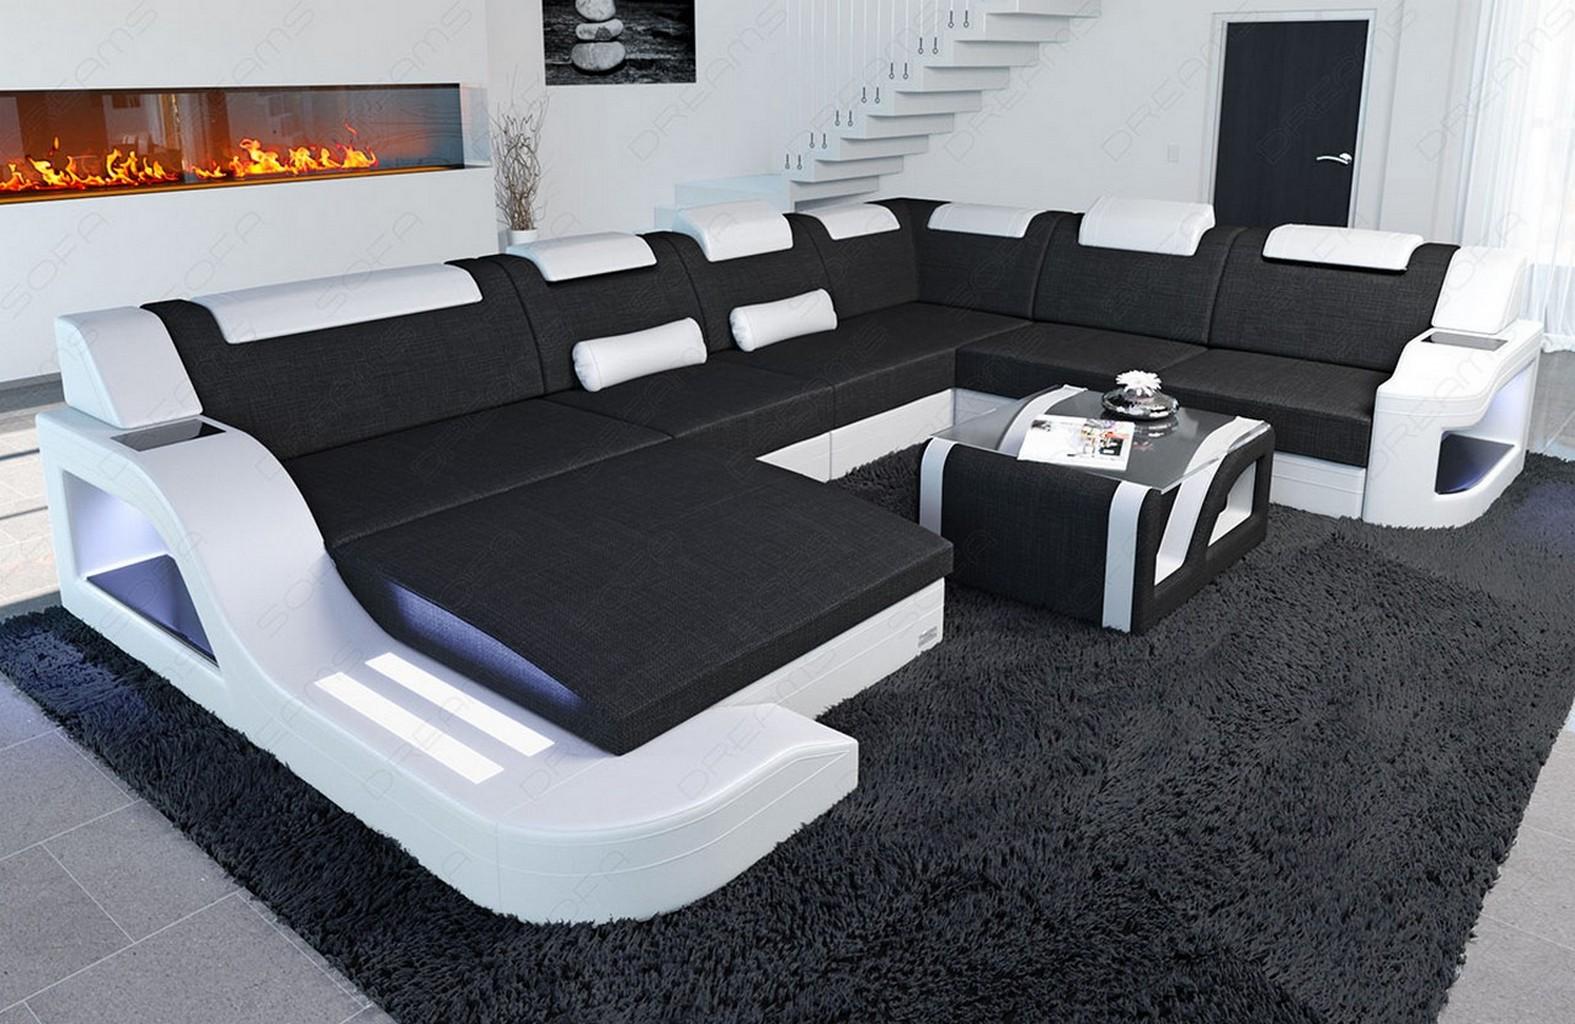 Wohnlandschaft palermo xxl form stoffsofa design led for Wohnlandschaft 7686 exklusiv